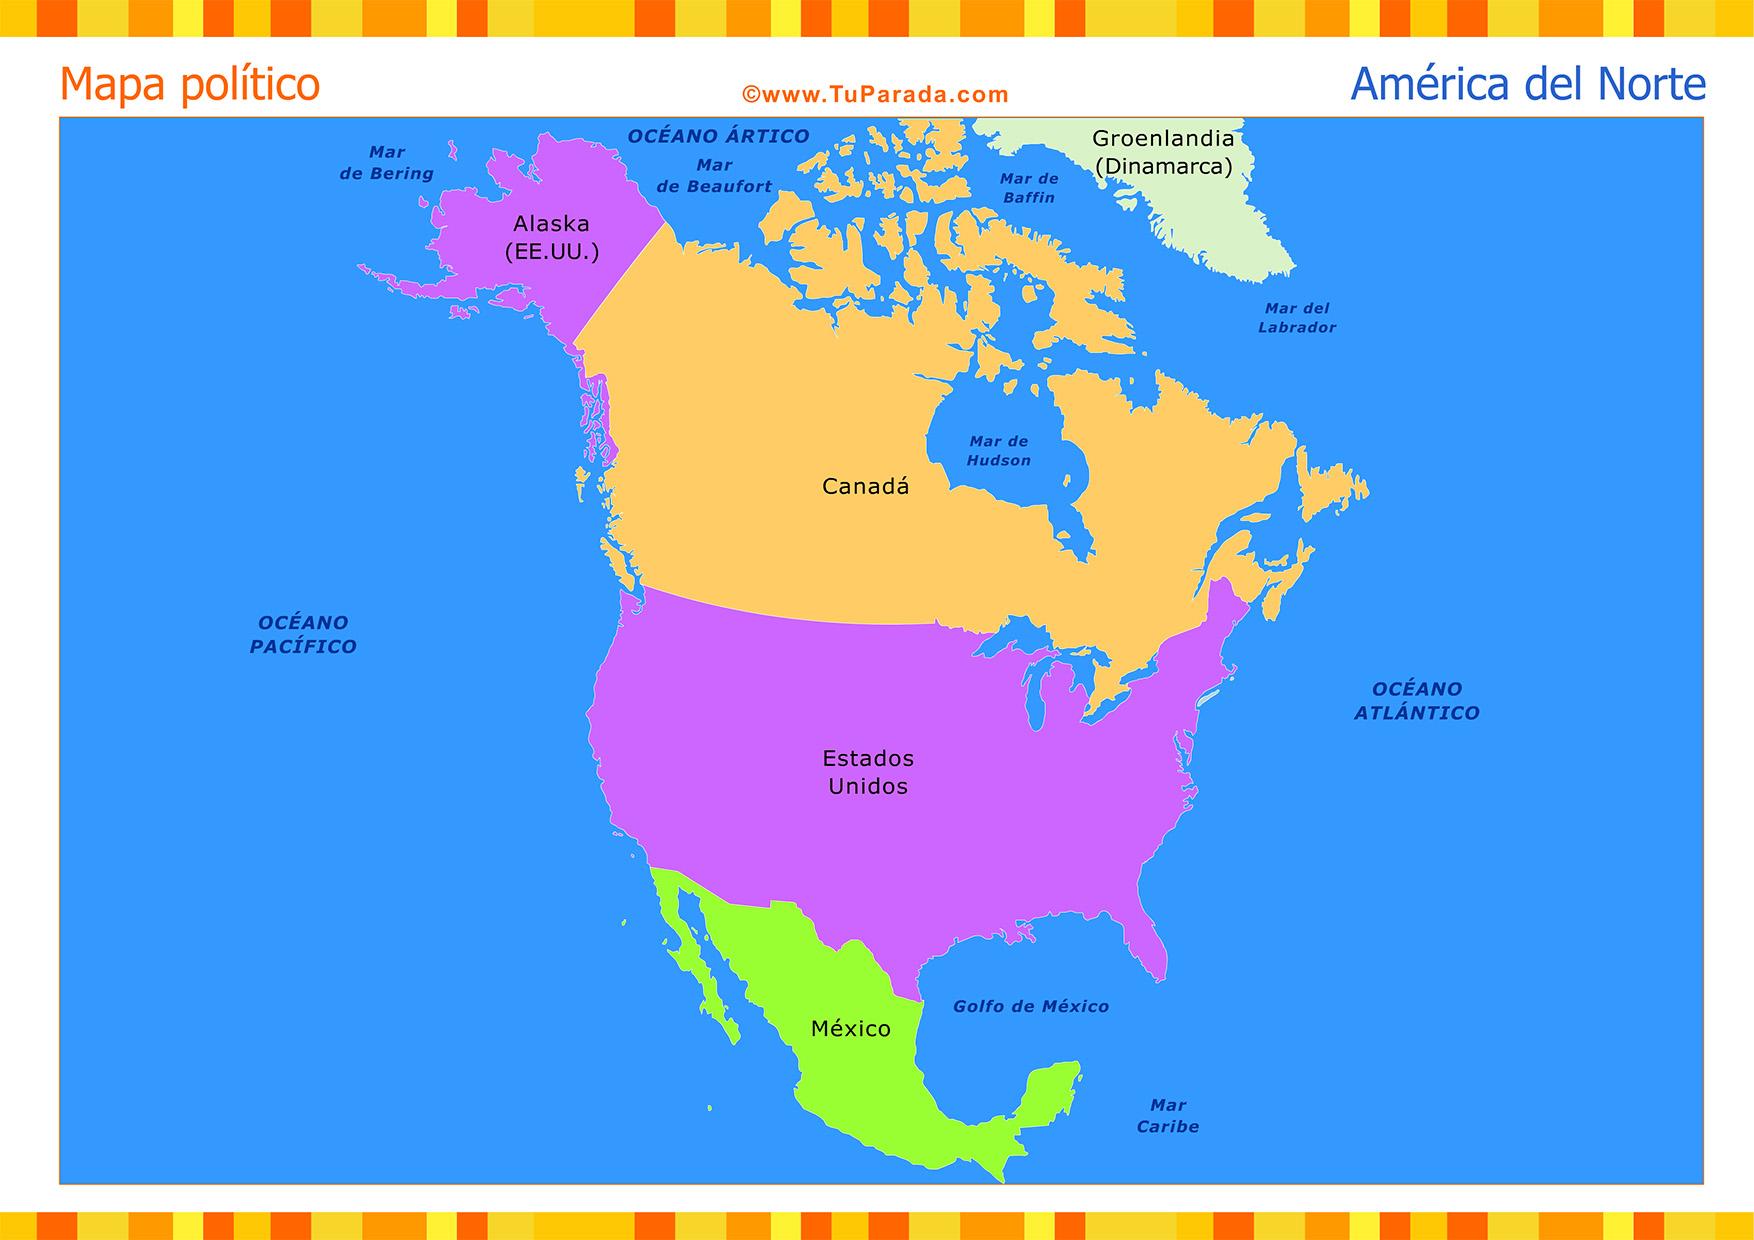 mapa politico america norte